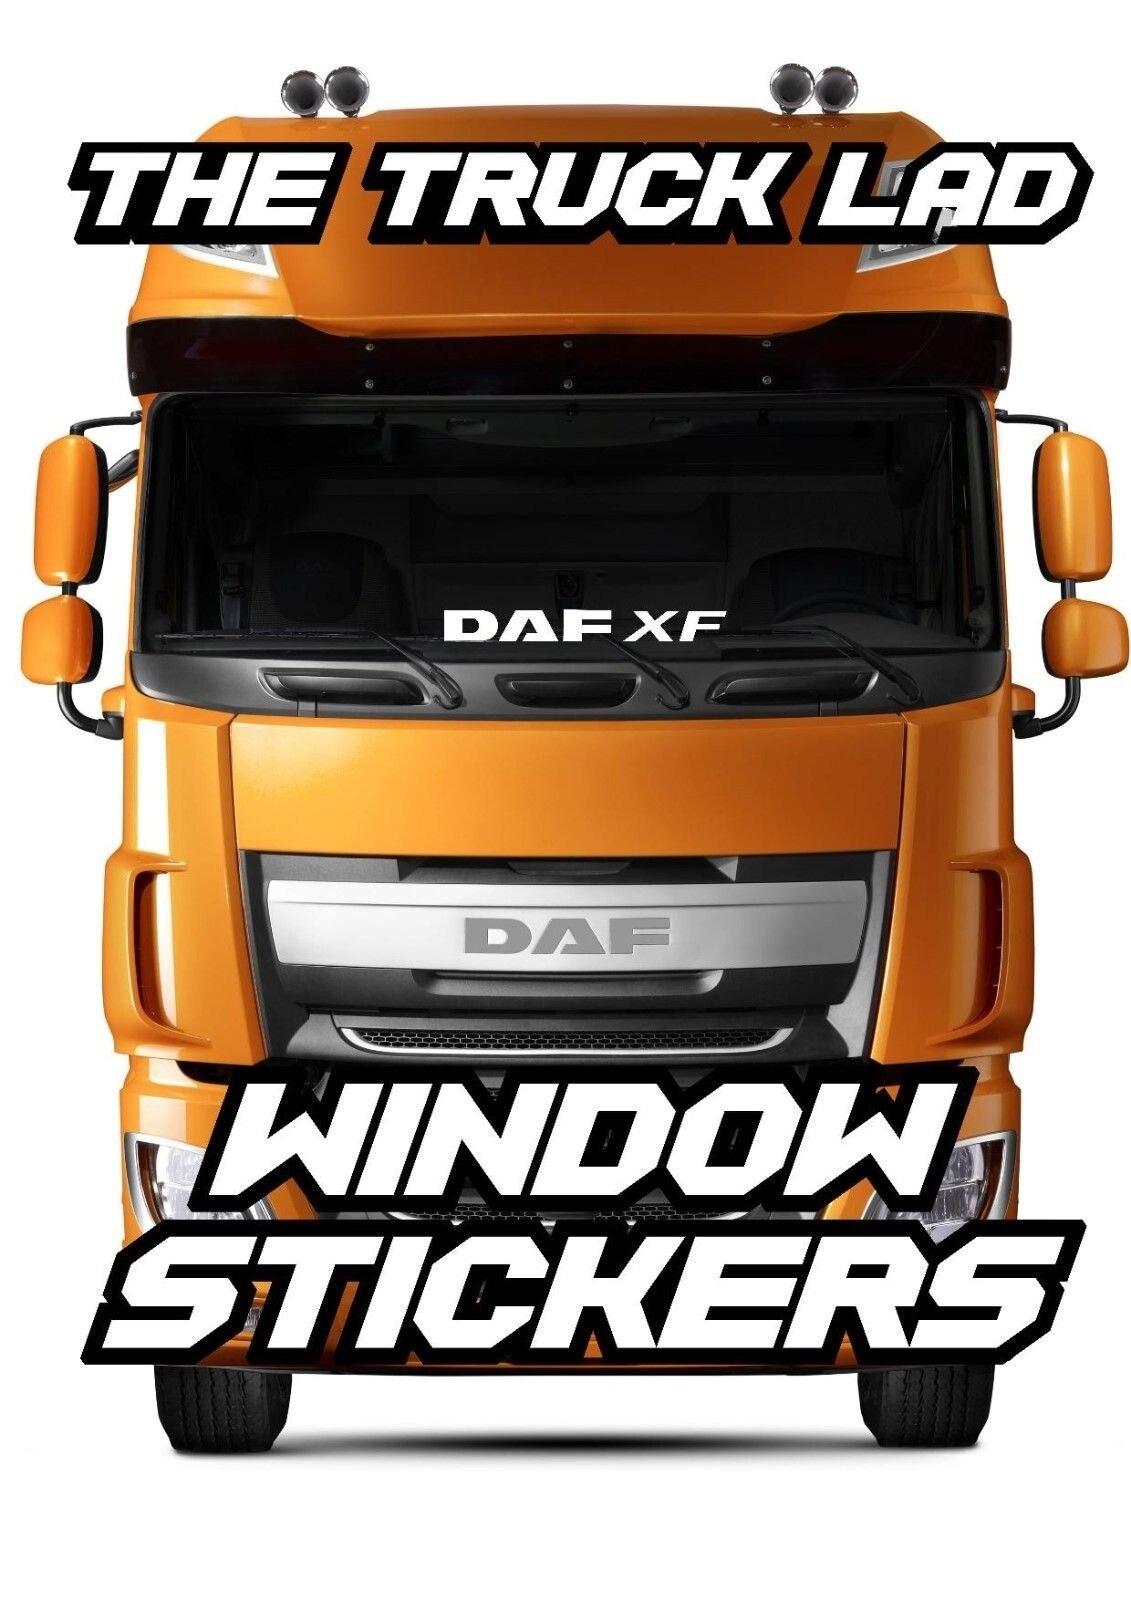 DAF XF Side Window Decals Stickers x 2